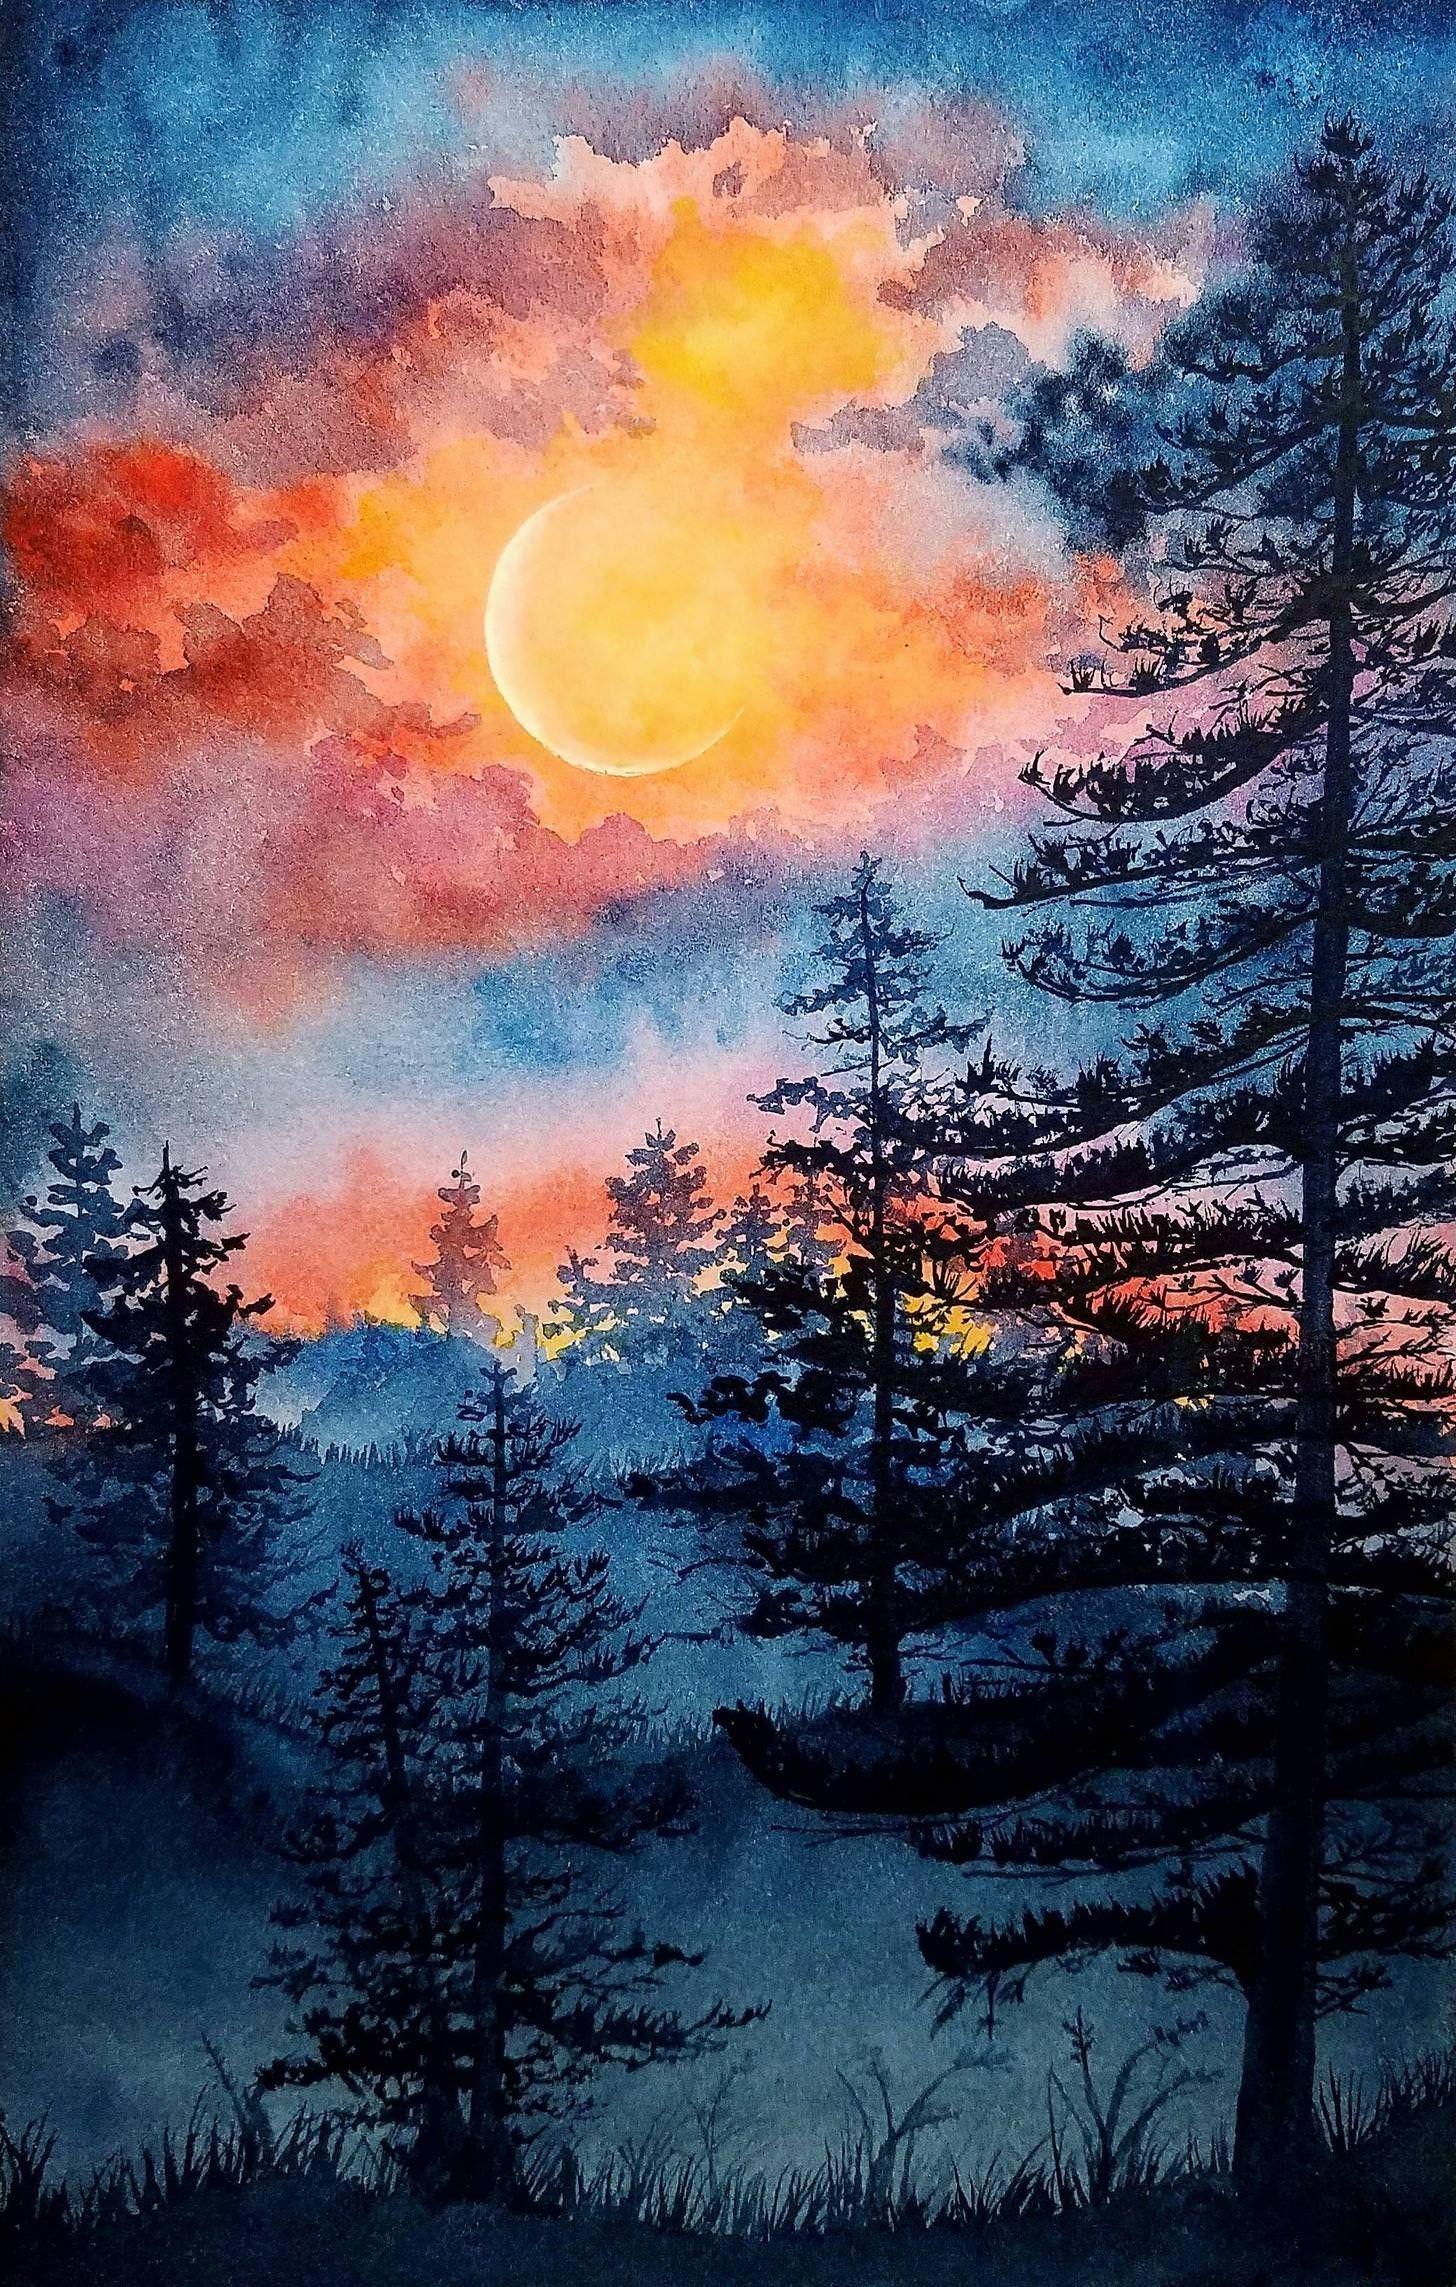 Moonlight Watercolor 6x8 Art In 2020 Landscape Art Painting Canvas Art Painting Painting Art Projects